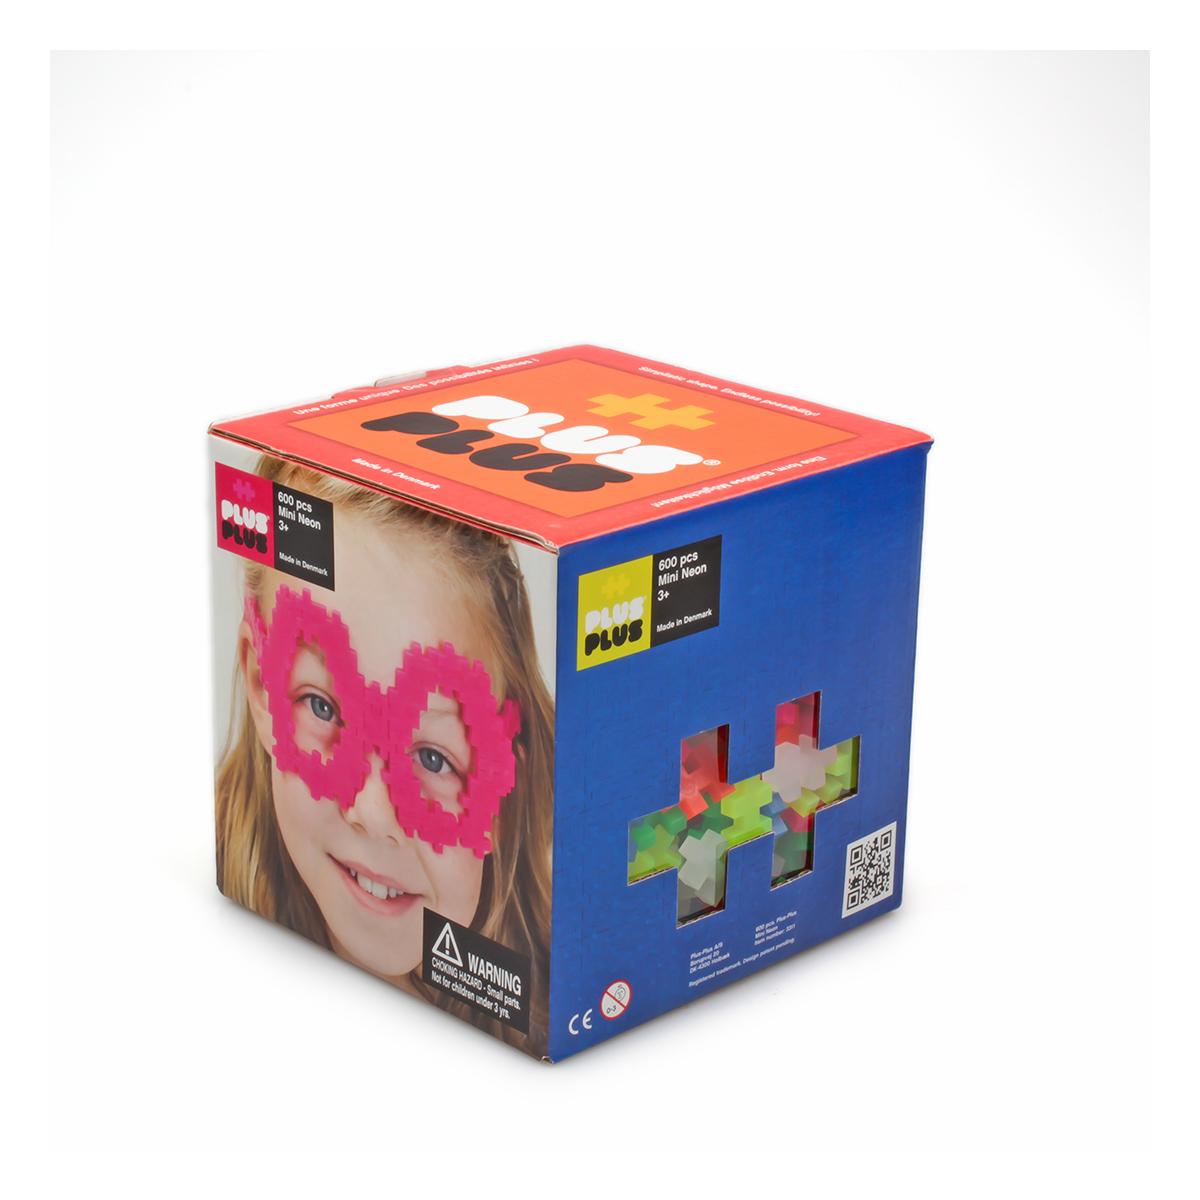 Plus Plus Box mini néon - 600 pièces